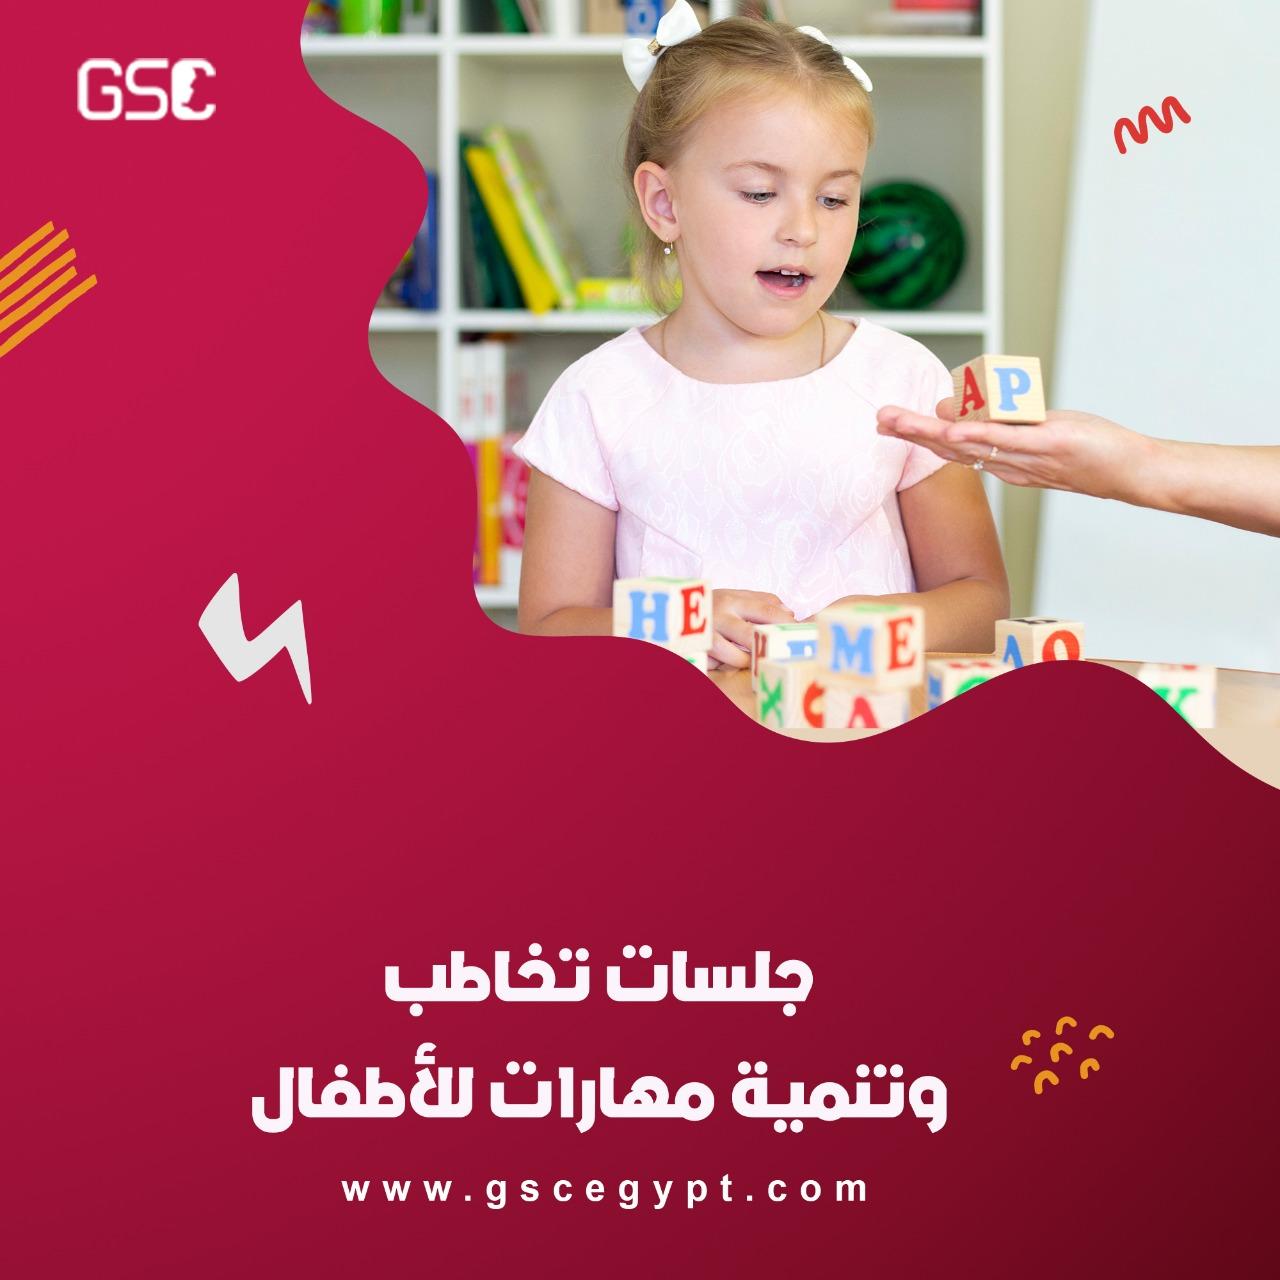 جلسات تخاطب وتنمية مهارات للأطفال